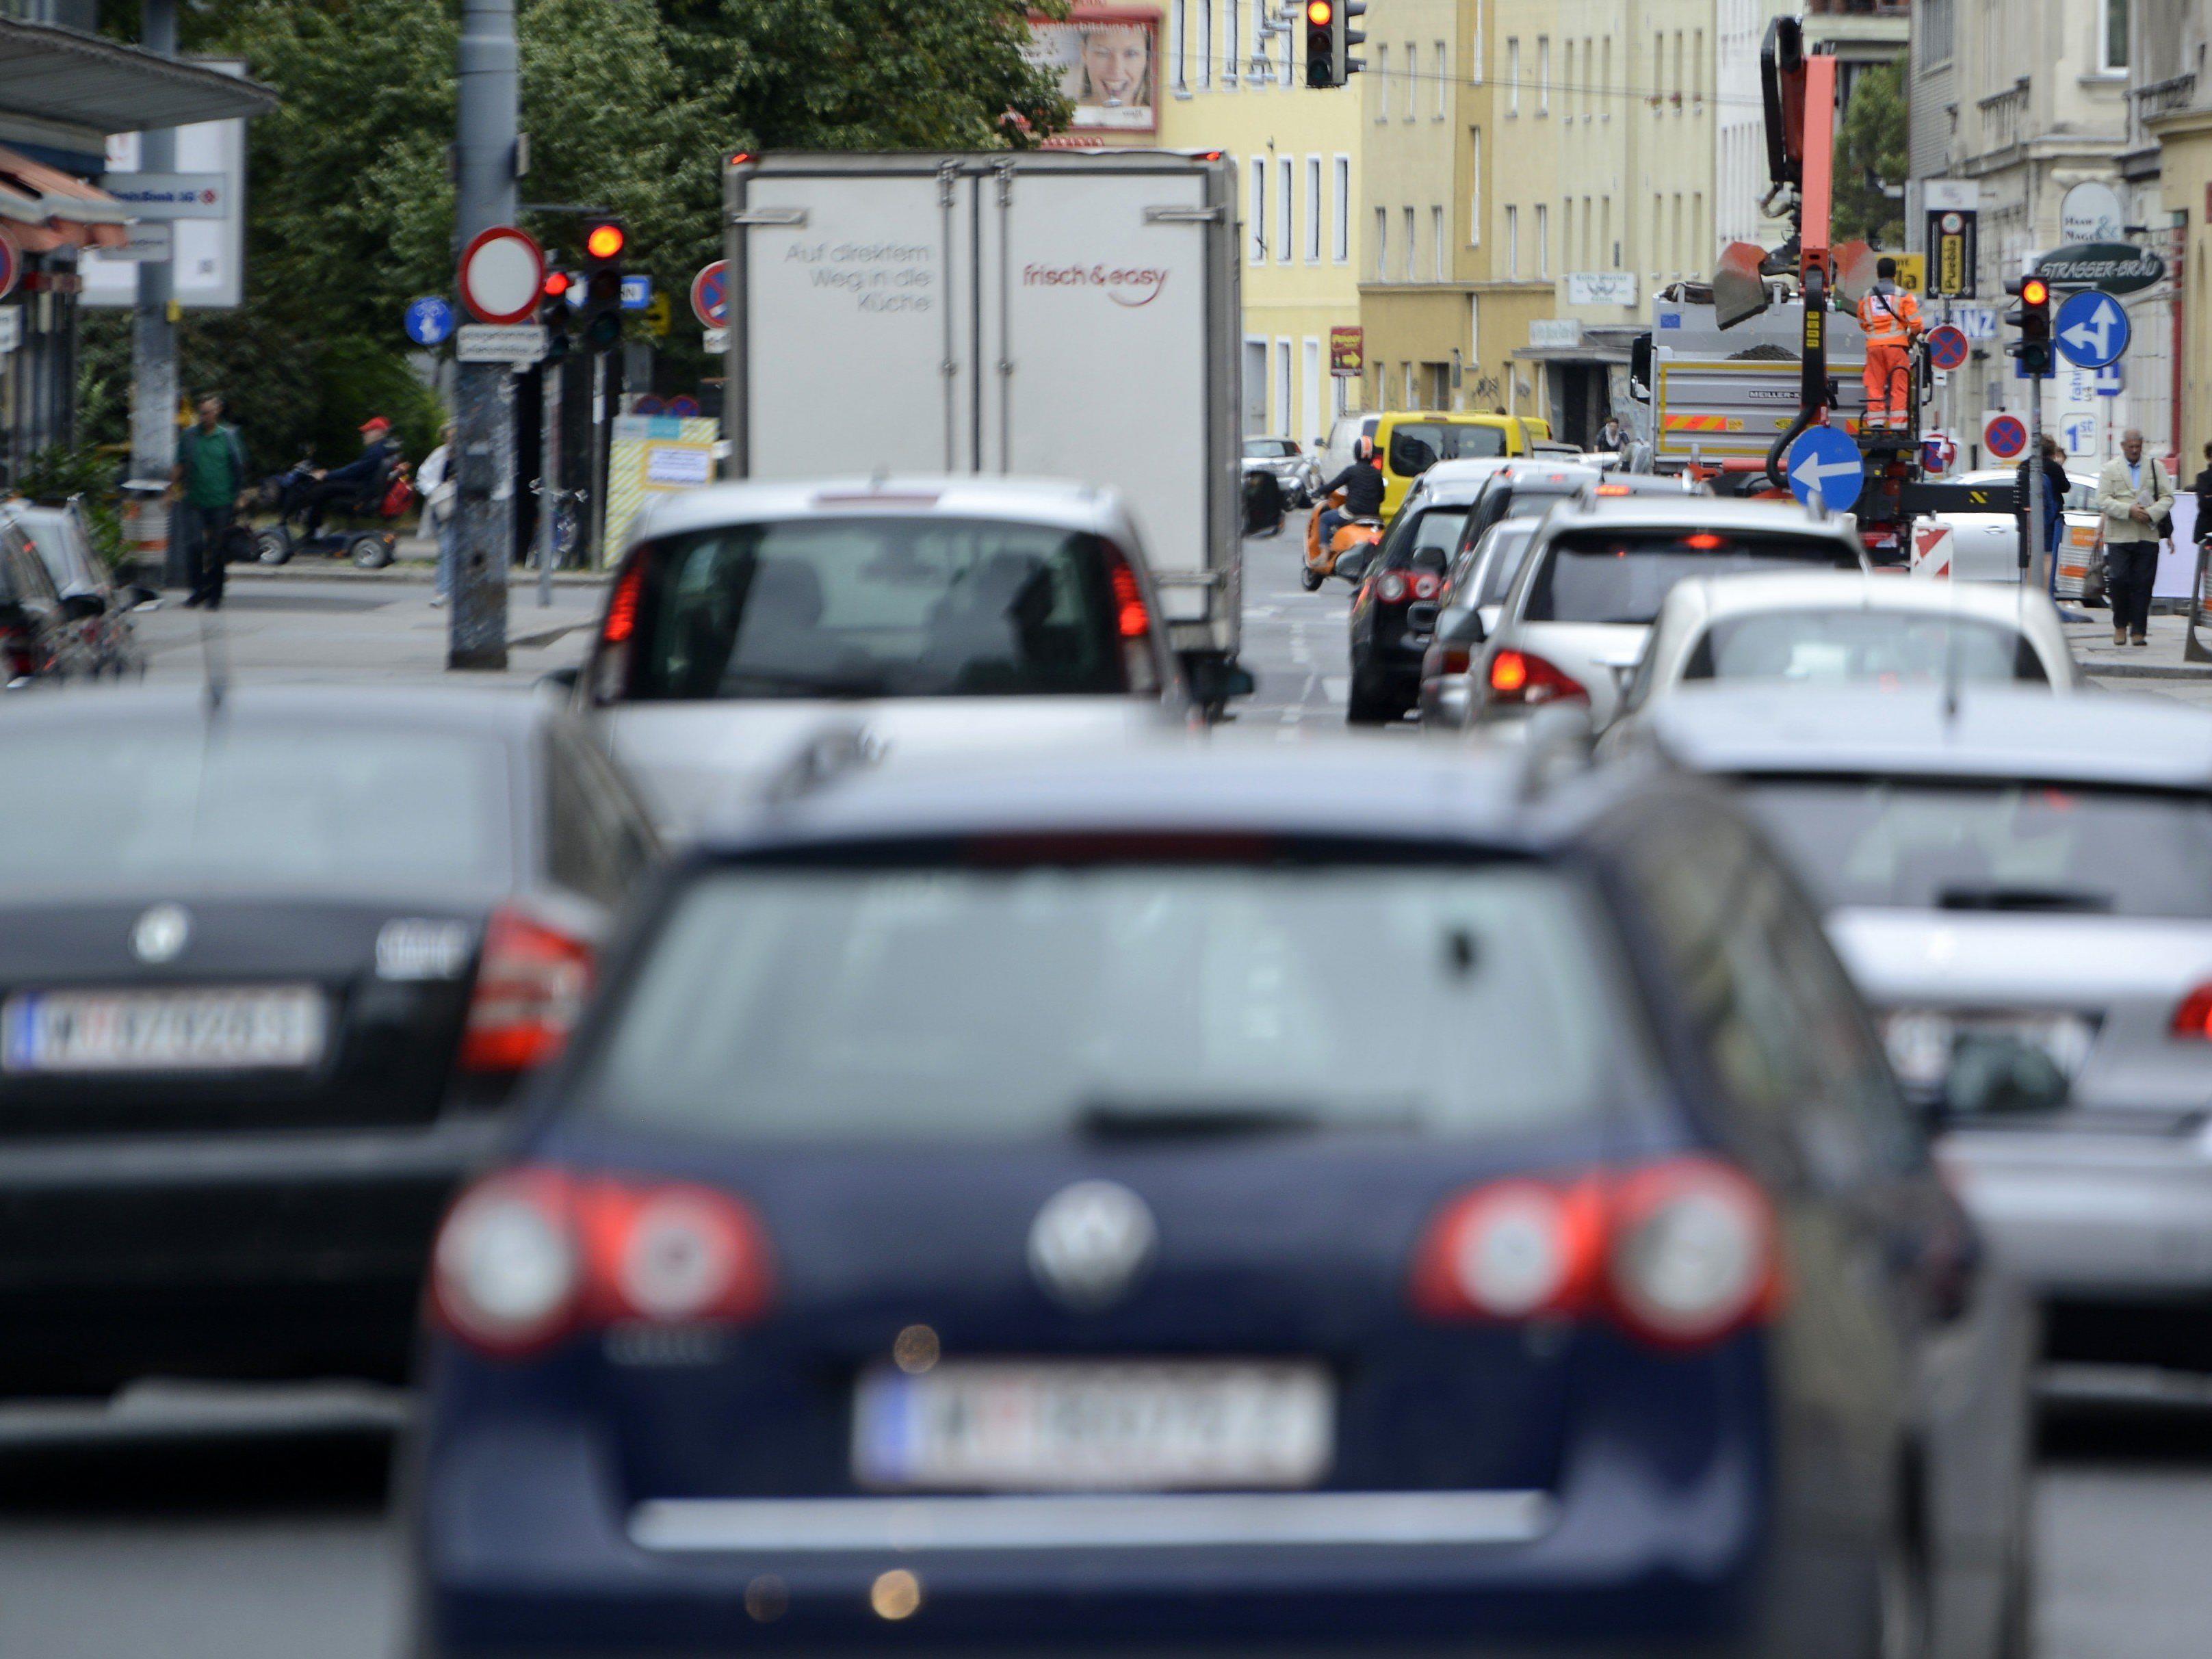 Umfrage unter 2.000 Verkehrsteilnehmern - Rasen stört am wenigsten.